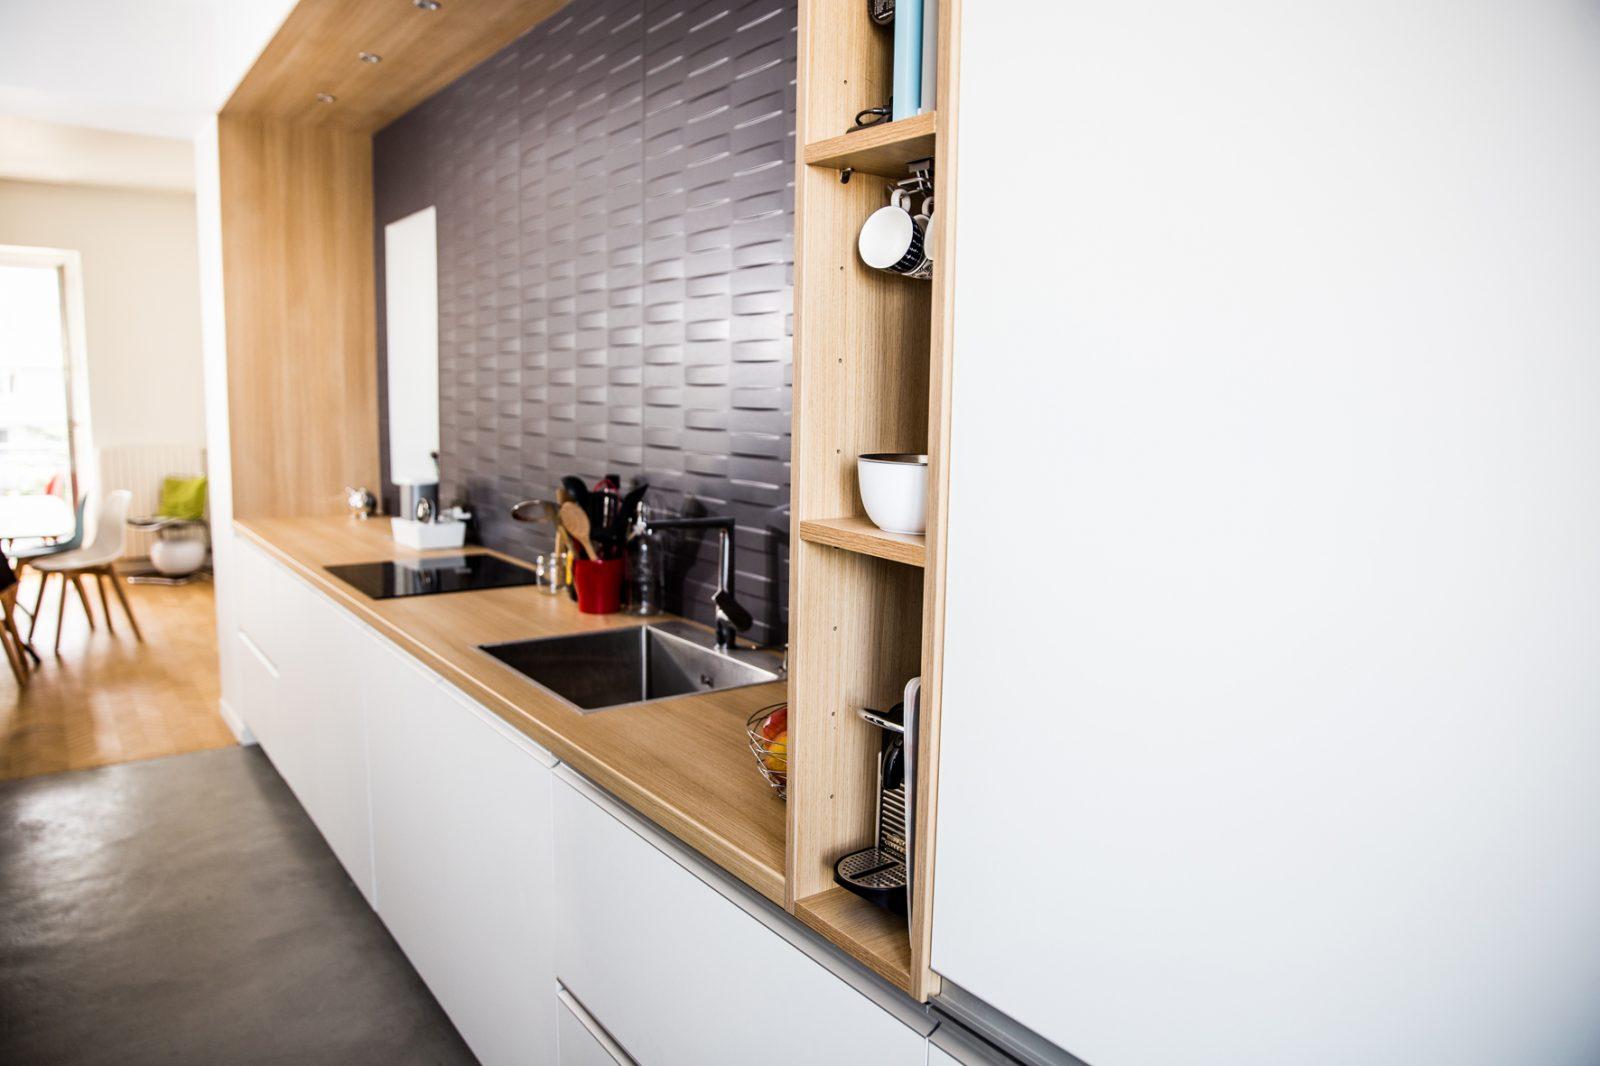 Cuisine blanche avec niches en bois - Les Ateliers du Cèdre